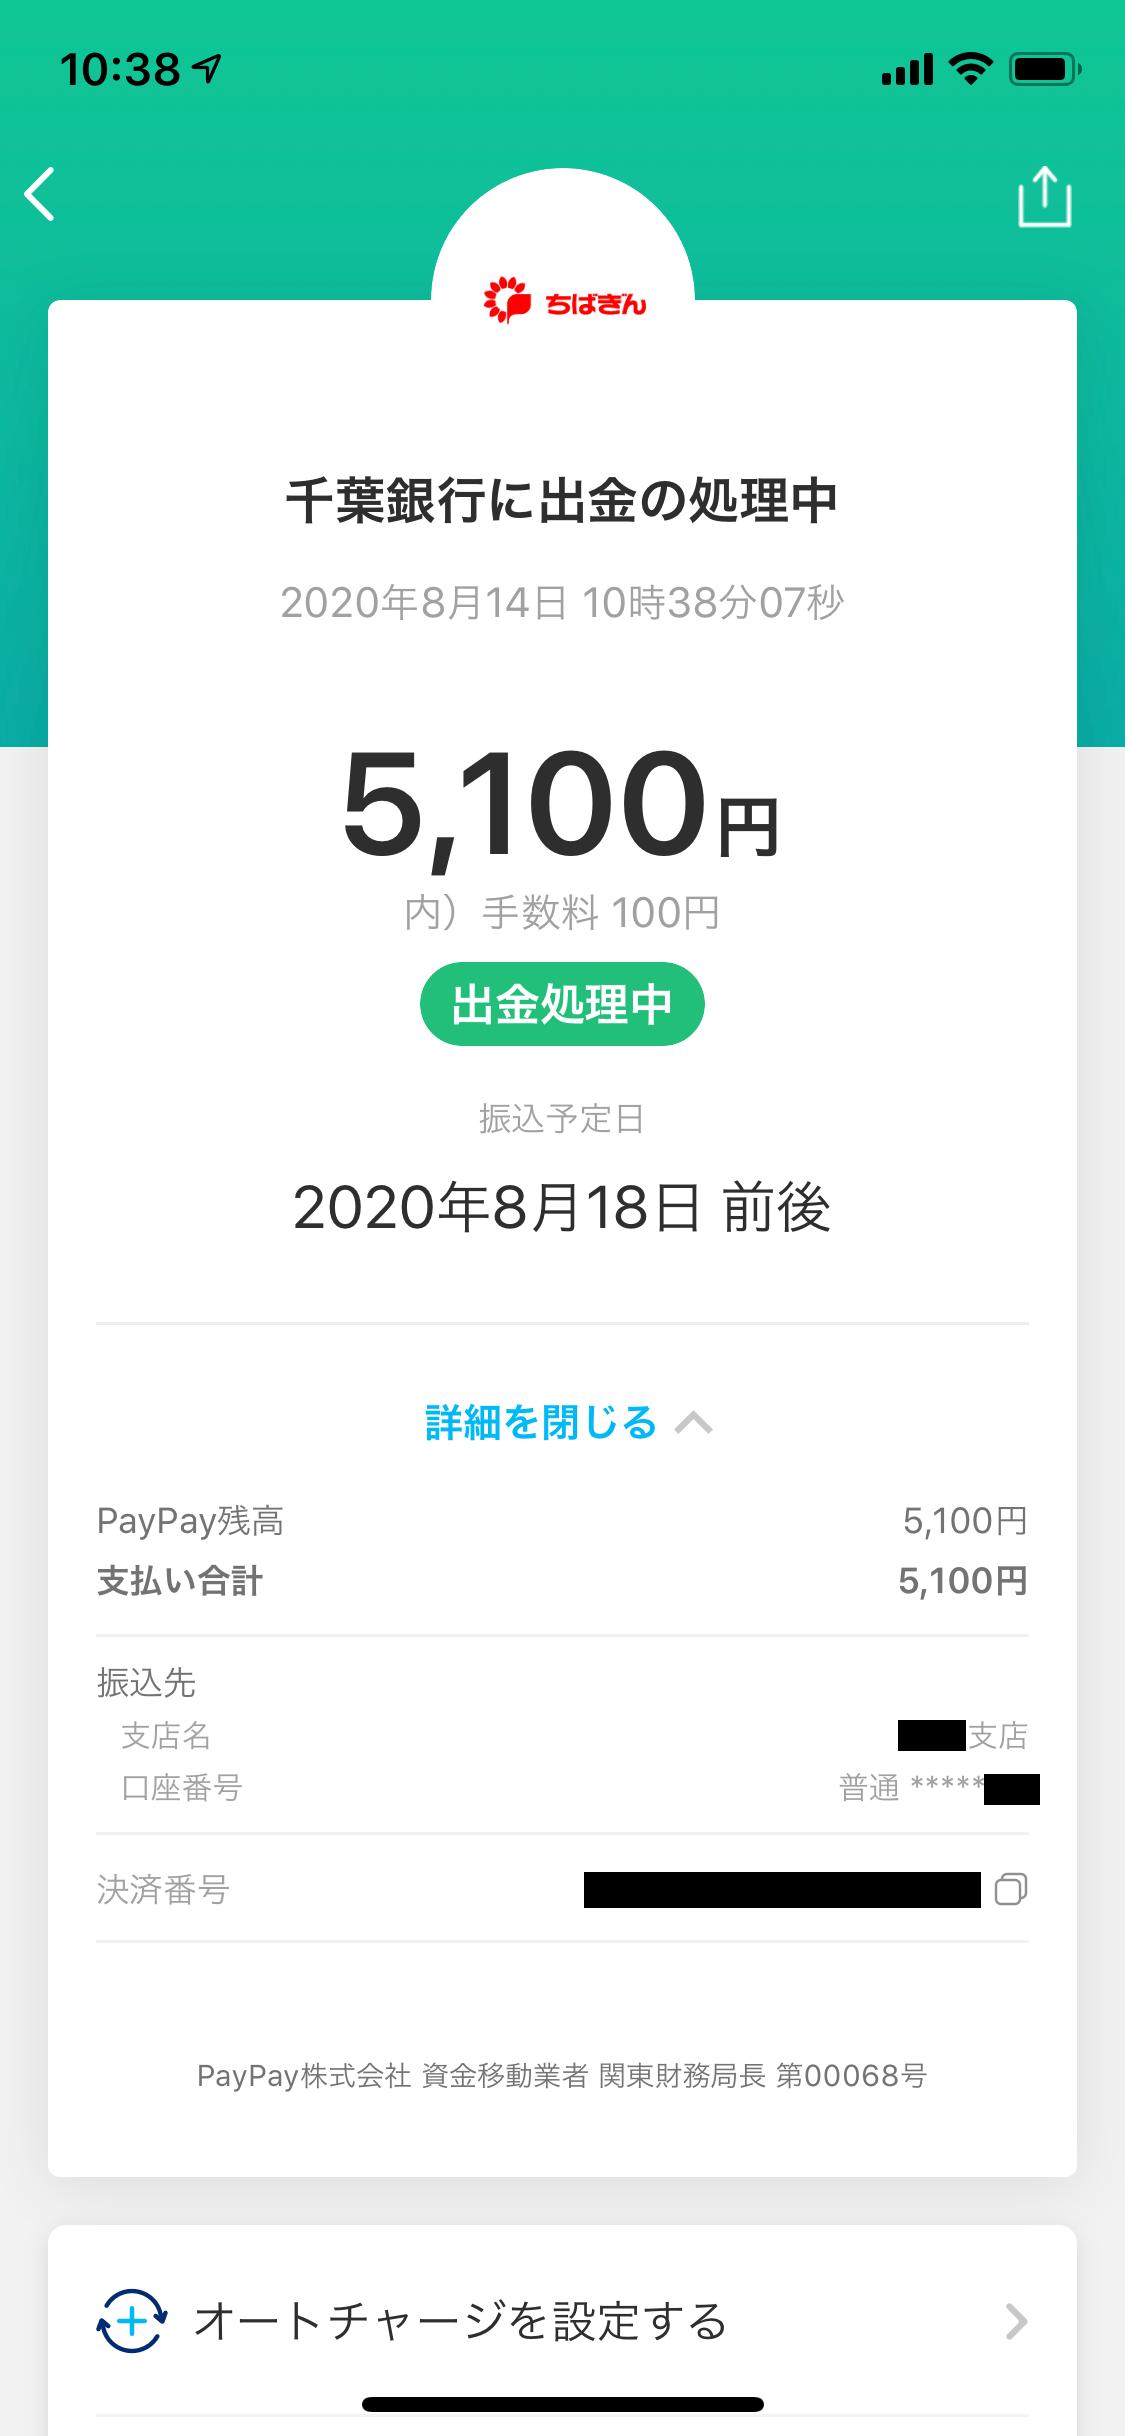 PayPay 出金